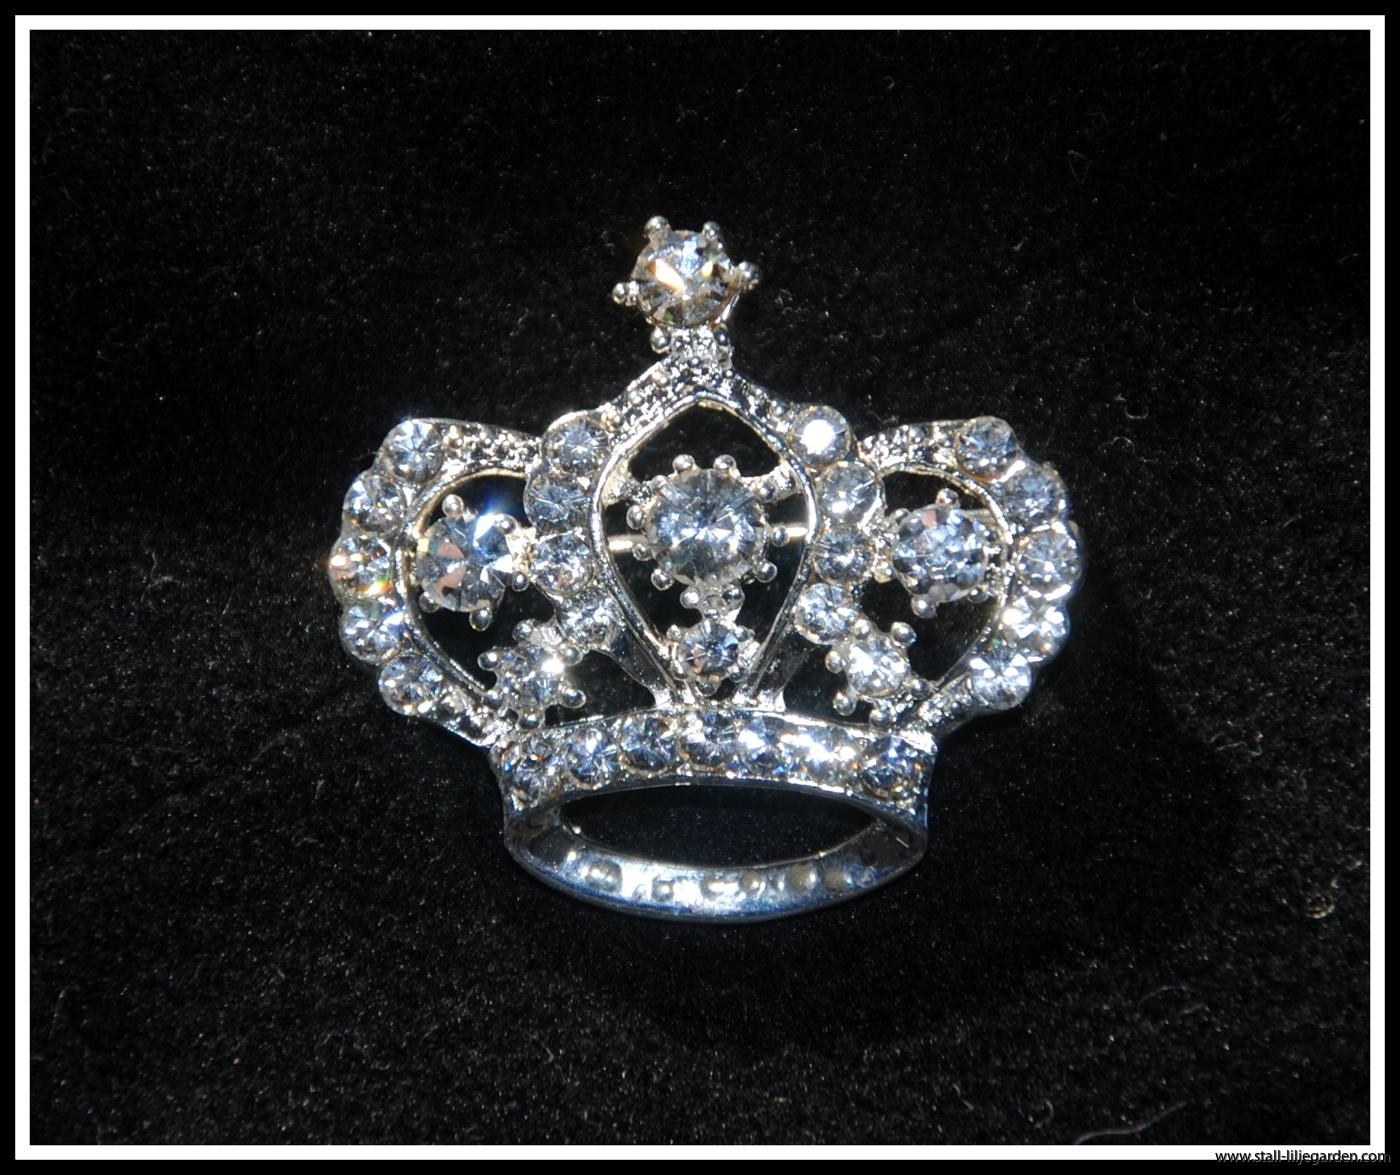 Ö krona